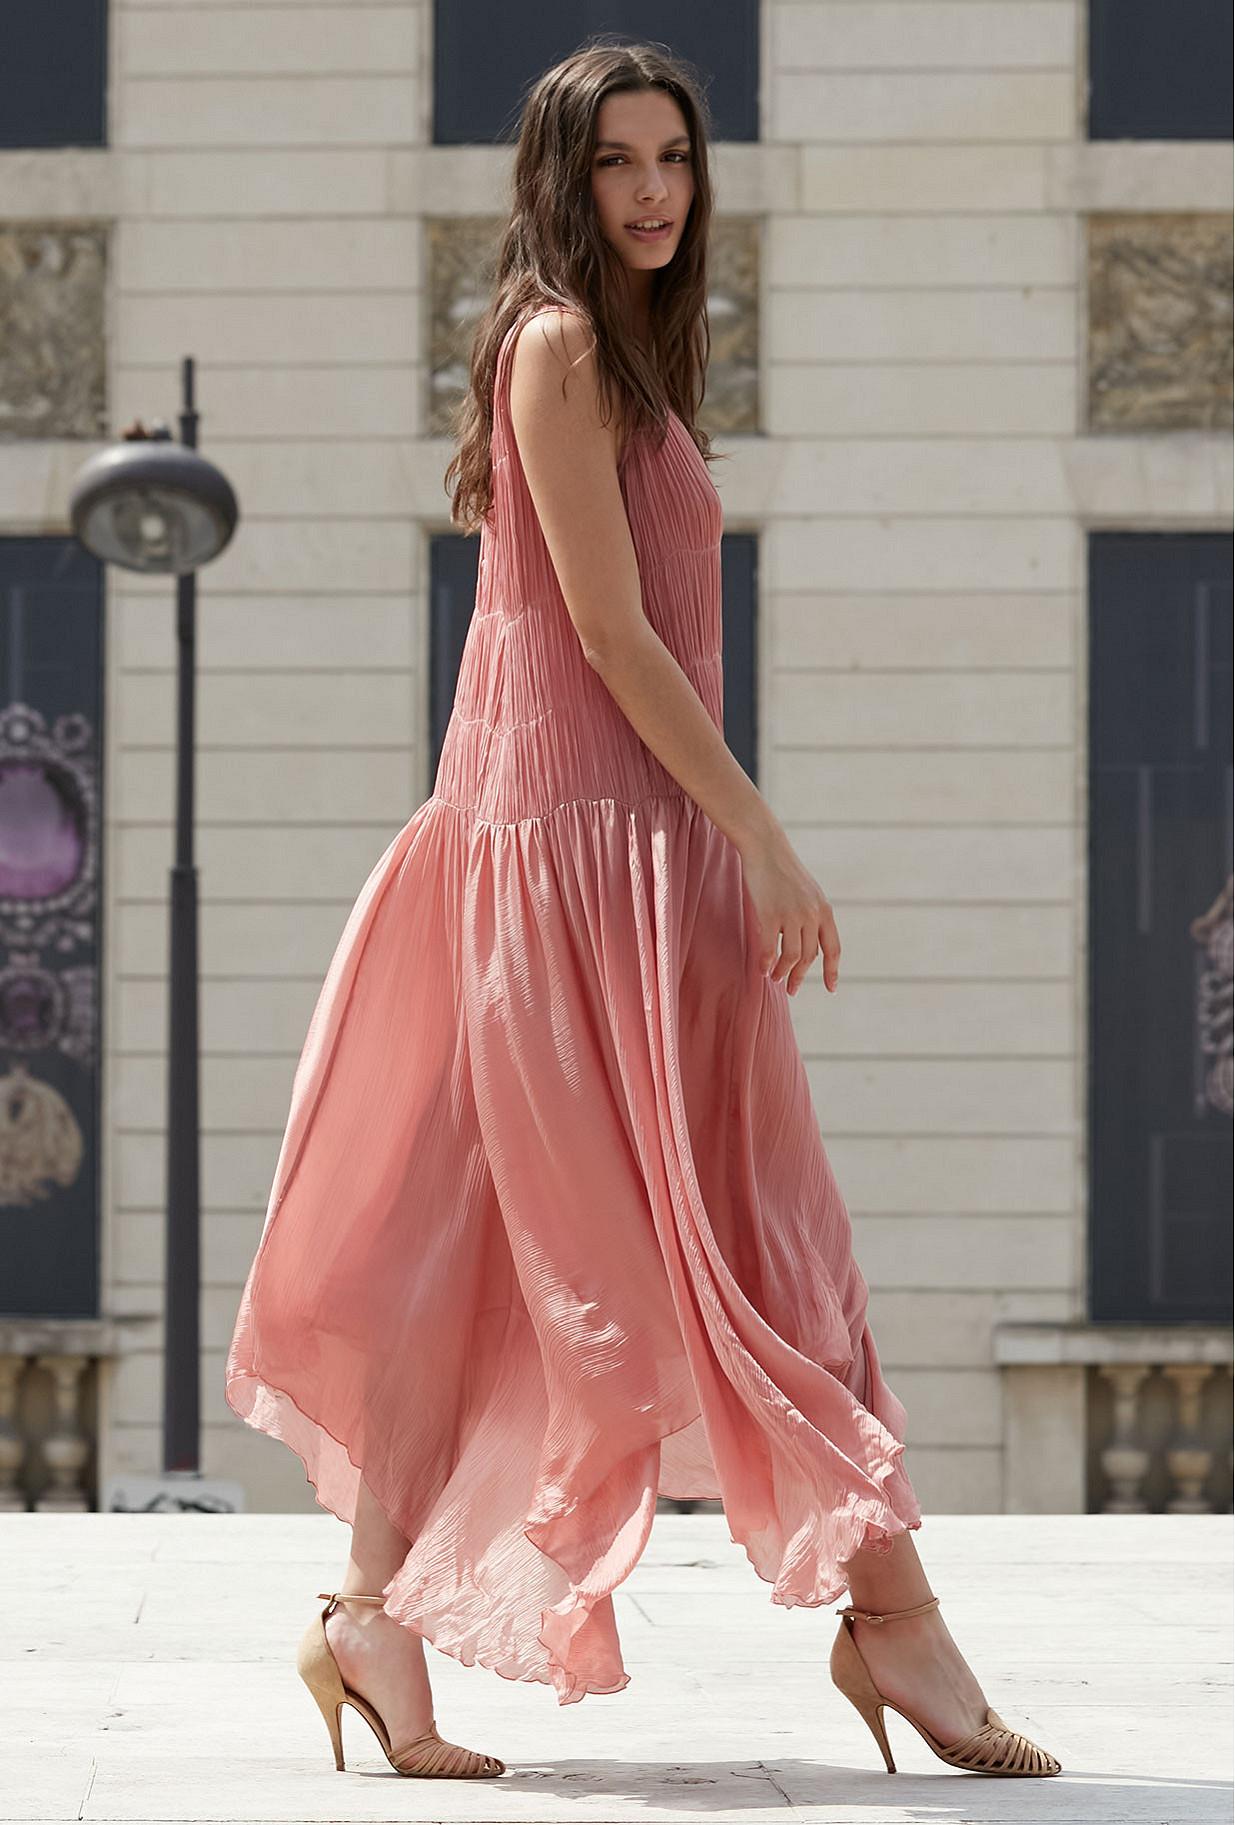 Robe Blush Amoureuse Mes Demoiselles Paris